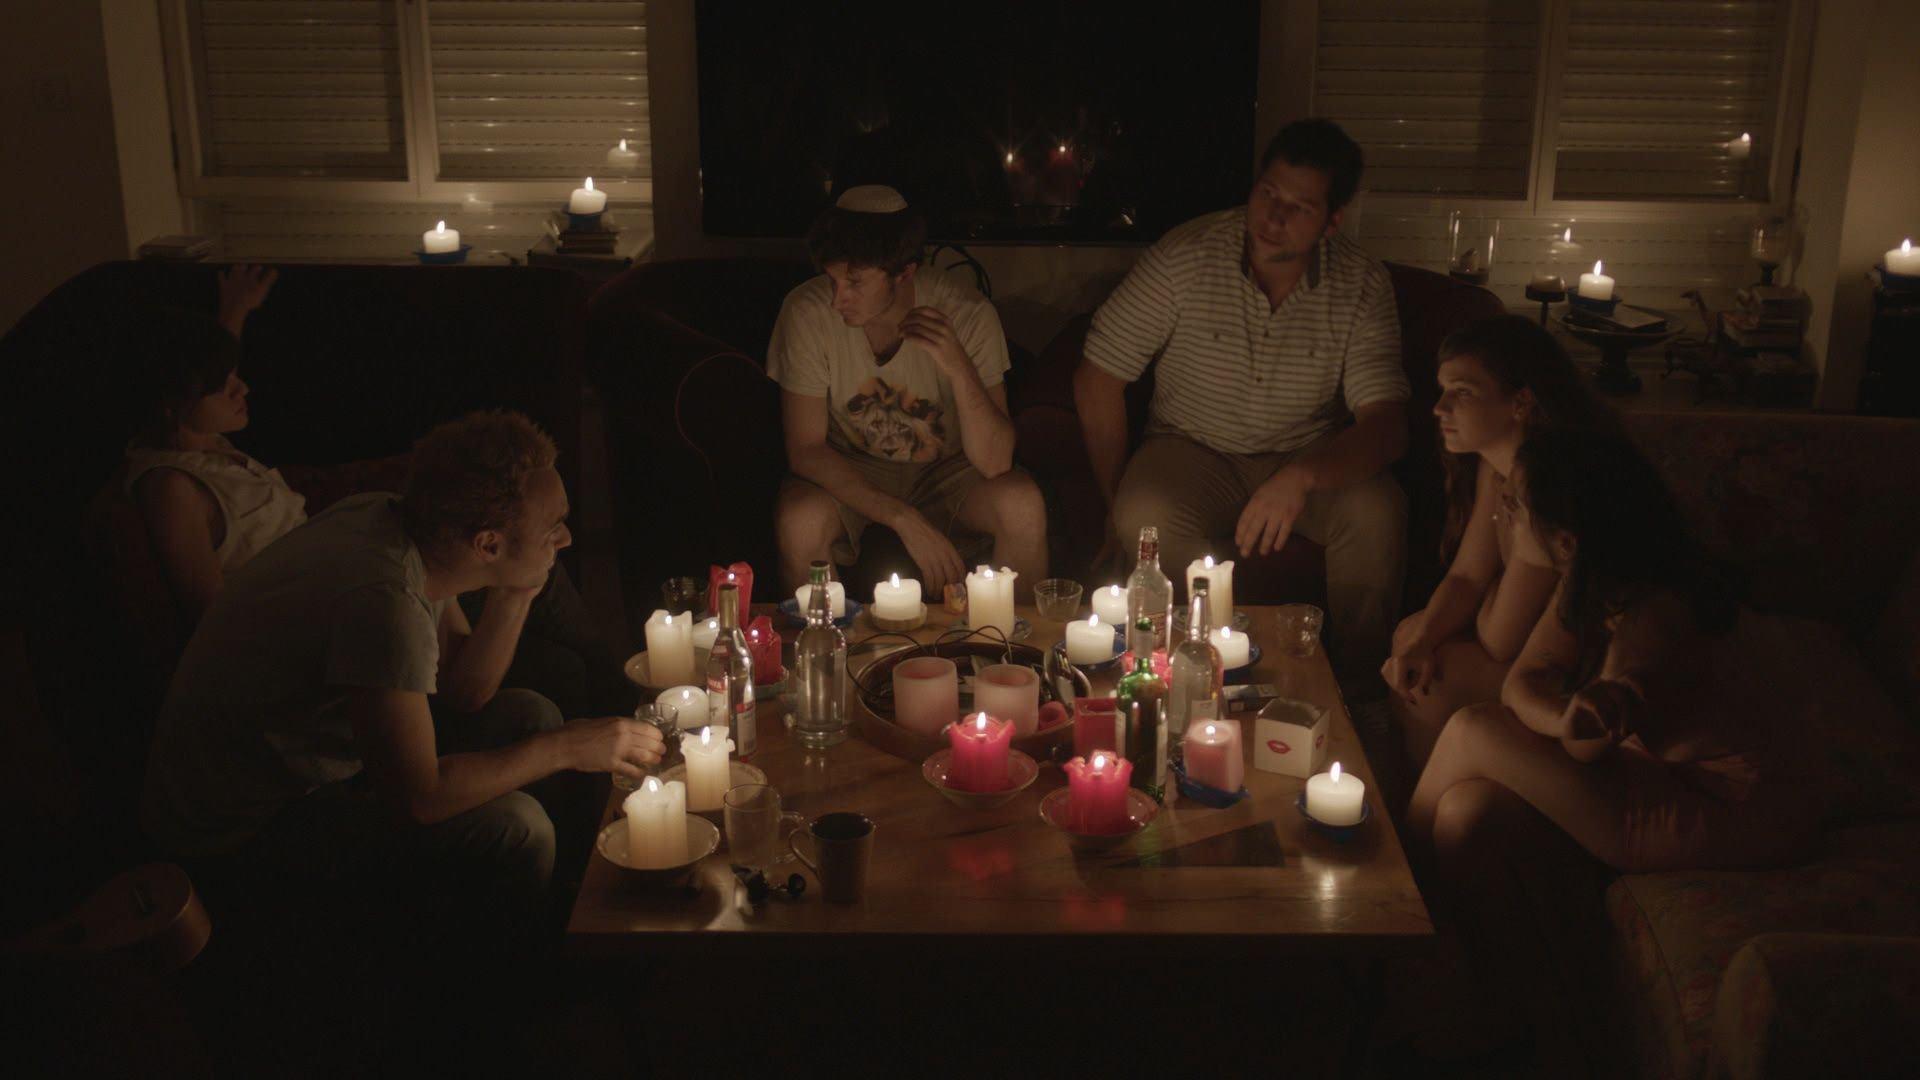 תמונה מתוך סופעולם. חבורת צעירים יושבת סביב השולחן לאור נרות.